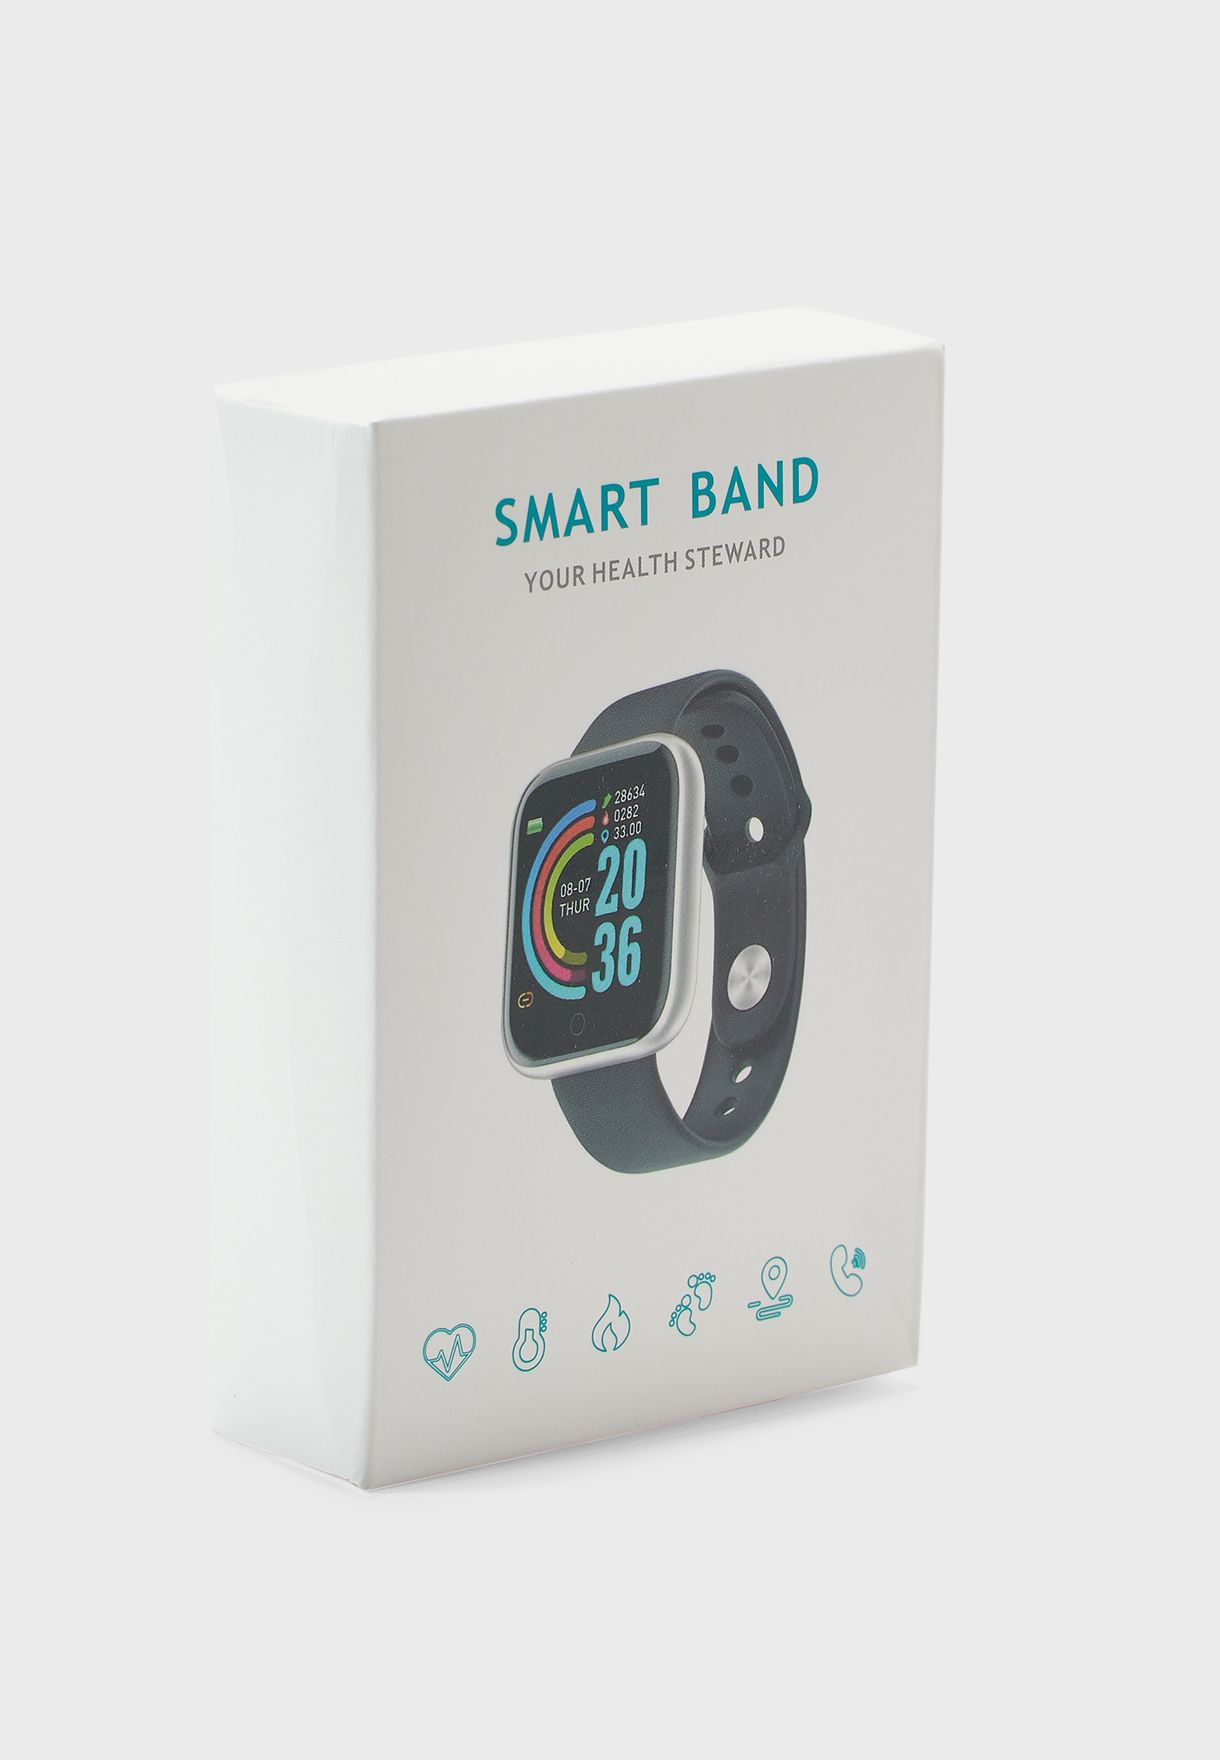 ساعة ذكية لقياس القلب والضغط والاكسجين